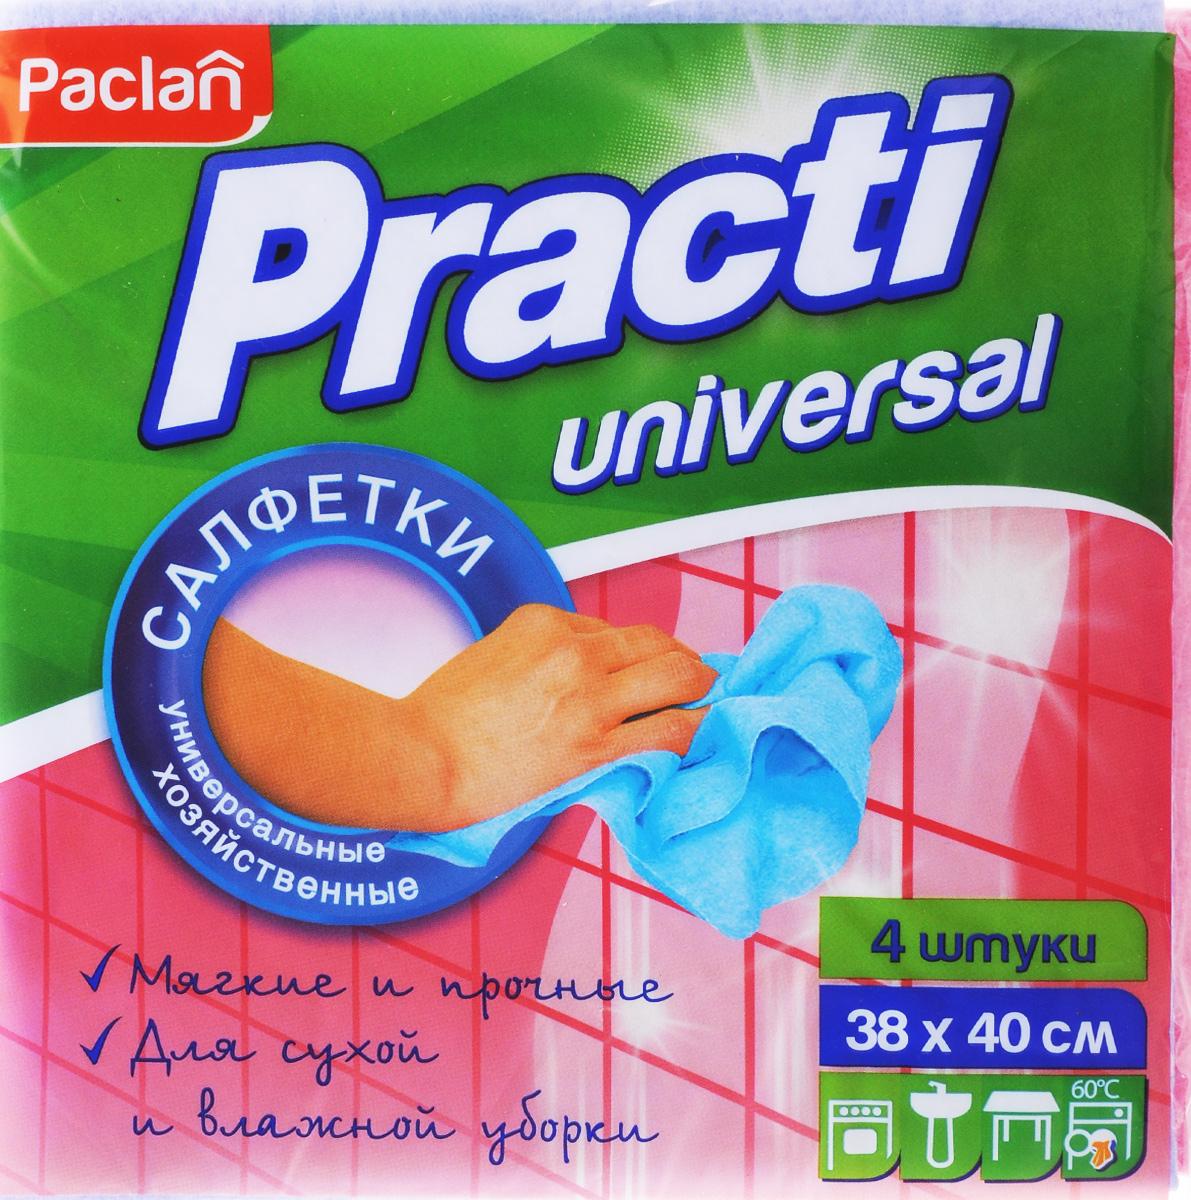 Набор универсальных салфеток для уборки Paclan Practi, 38 х 40 см, 4 шт410020Набор Paclan Practi, выполненный из нетканого полотна (вискоза, полиэстер), состоит из 4 салфеток. Изделия предназначены для сухой и влажной уборки. Отлично впитывают жидкости, жиры, масла. Пригодны для многоразового использования, долговечны, не оставляют следов и ворсинок. Размер салфетки: 38 х 40 см.